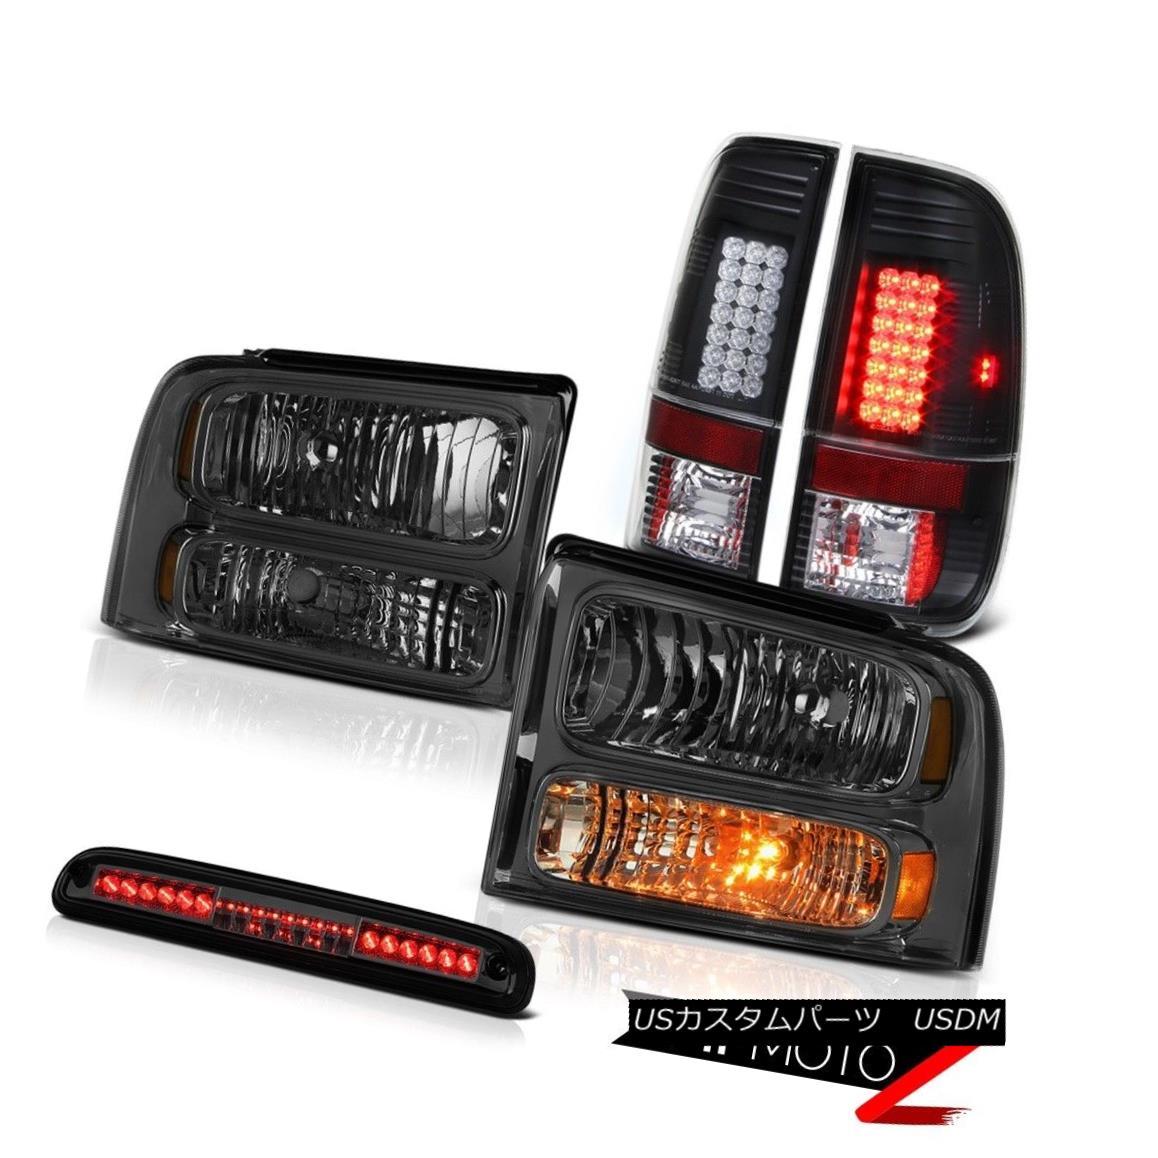 ヘッドライト 05 06 07 F350 Highline Pair Smoke Headlamps L.E.D Rear Tail Lights 3rd Brake LED 05 06 07 F350ハイエンドペアスモークヘッドランプL.E.Dリアテールライト第3ブレーキLED